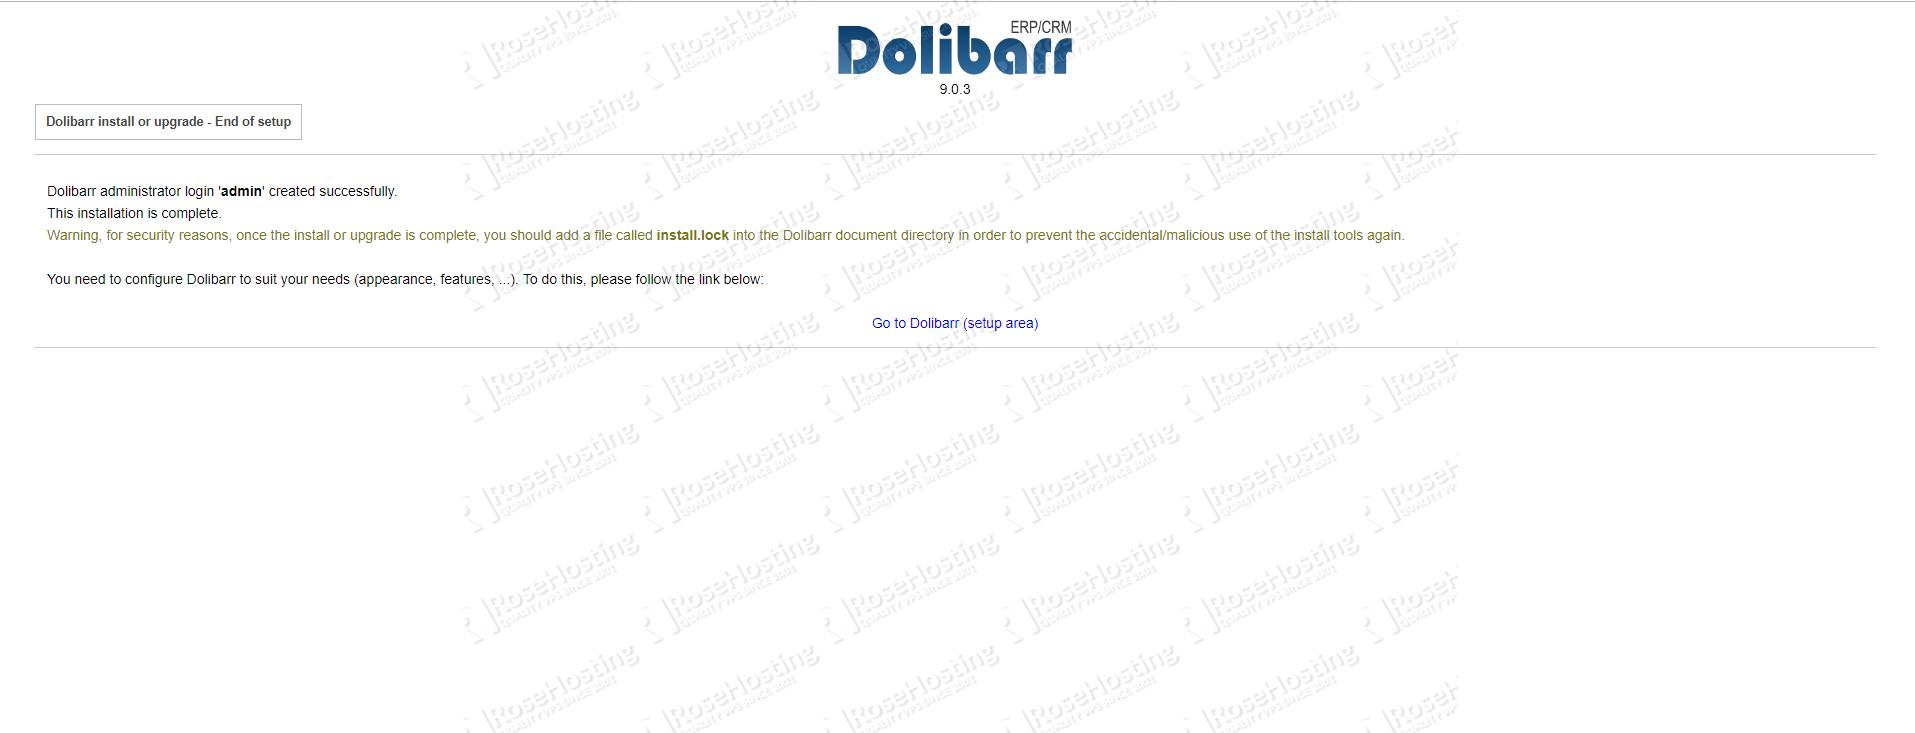 Dolibarr installation